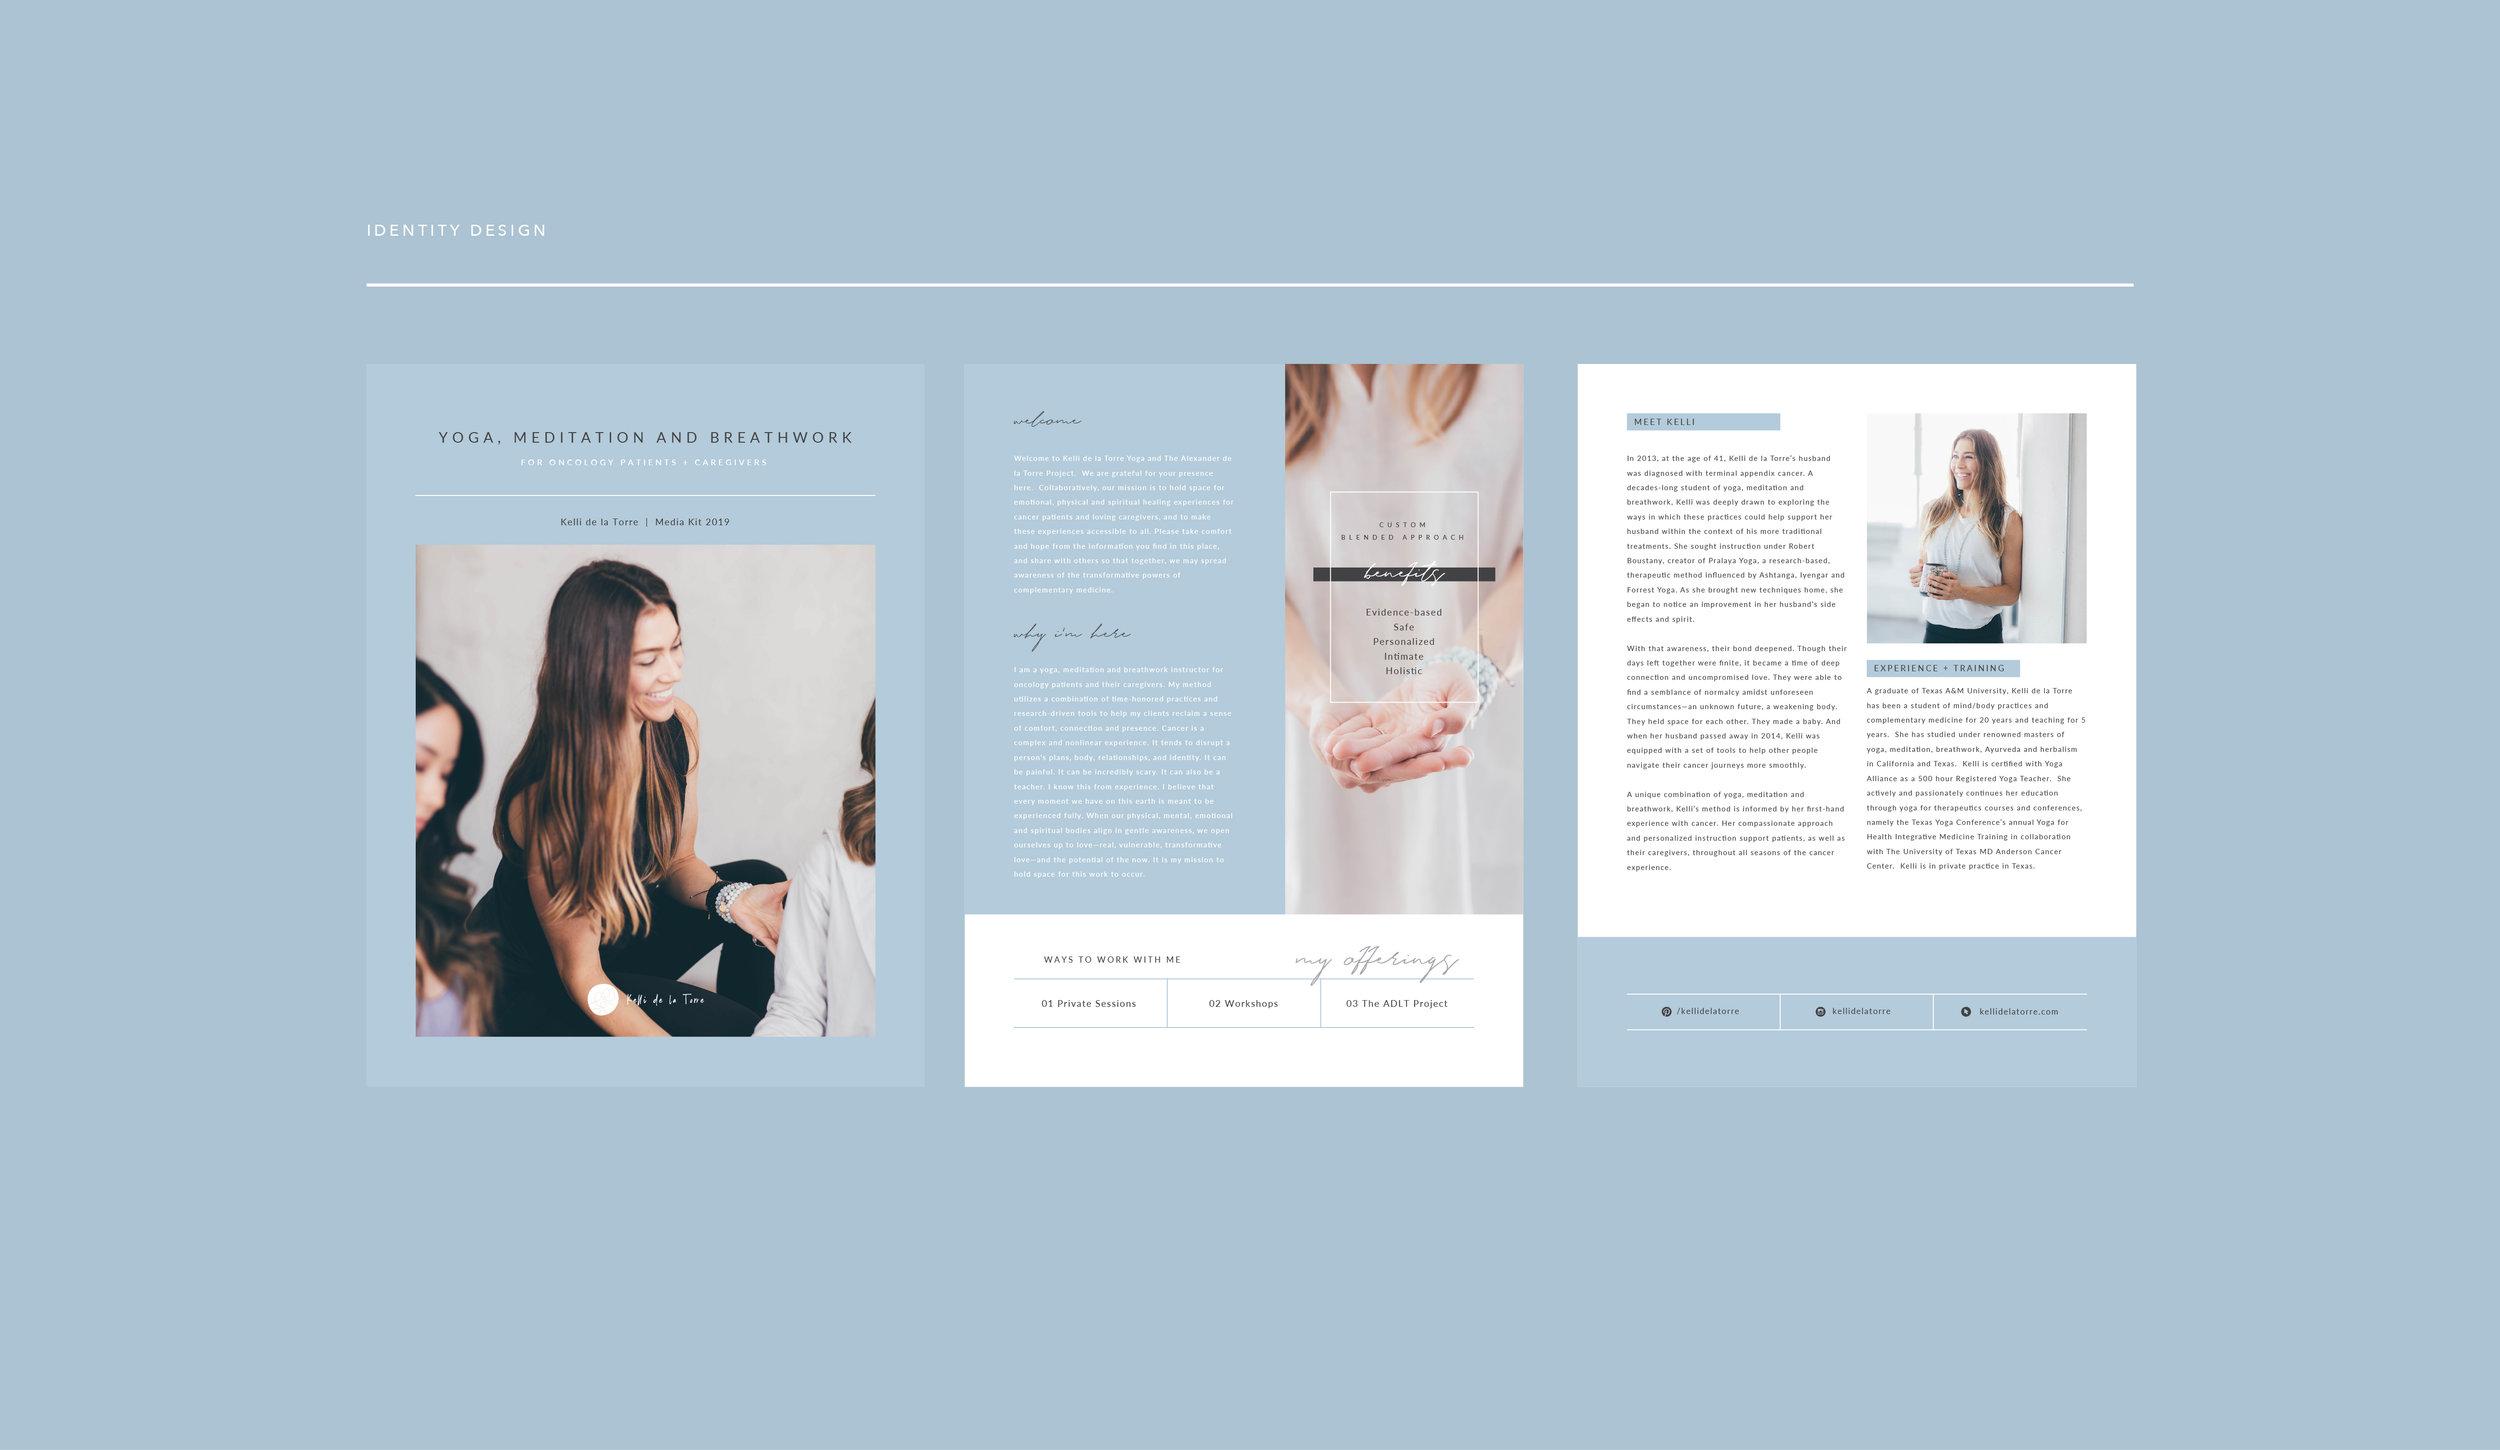 CANOPY_Kelli de la Torre_Branding_Identity Design.jpg